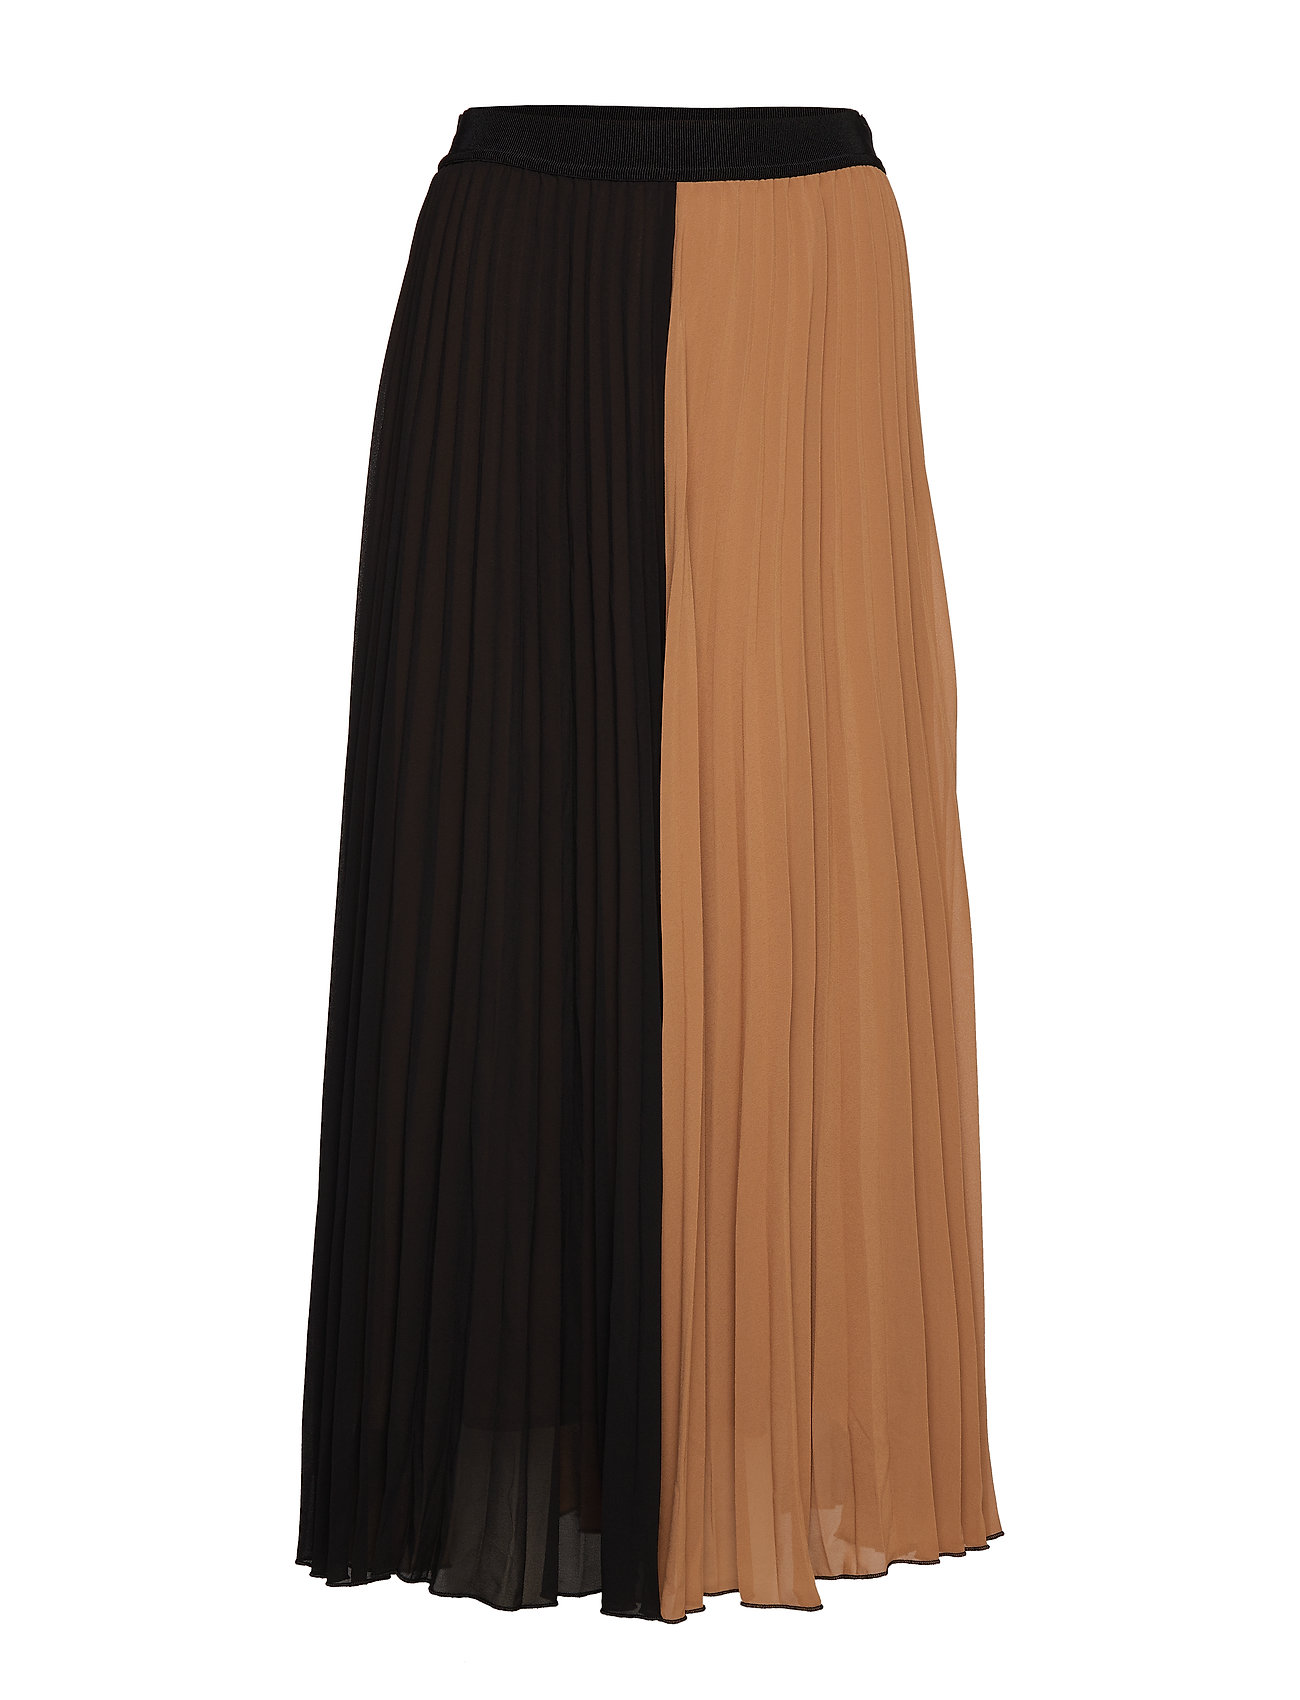 SkirtblackWarm Jasmineiw CamelInwear Iw50 Jasmineiw Iw50 11 11 6mgyI7Ybfv